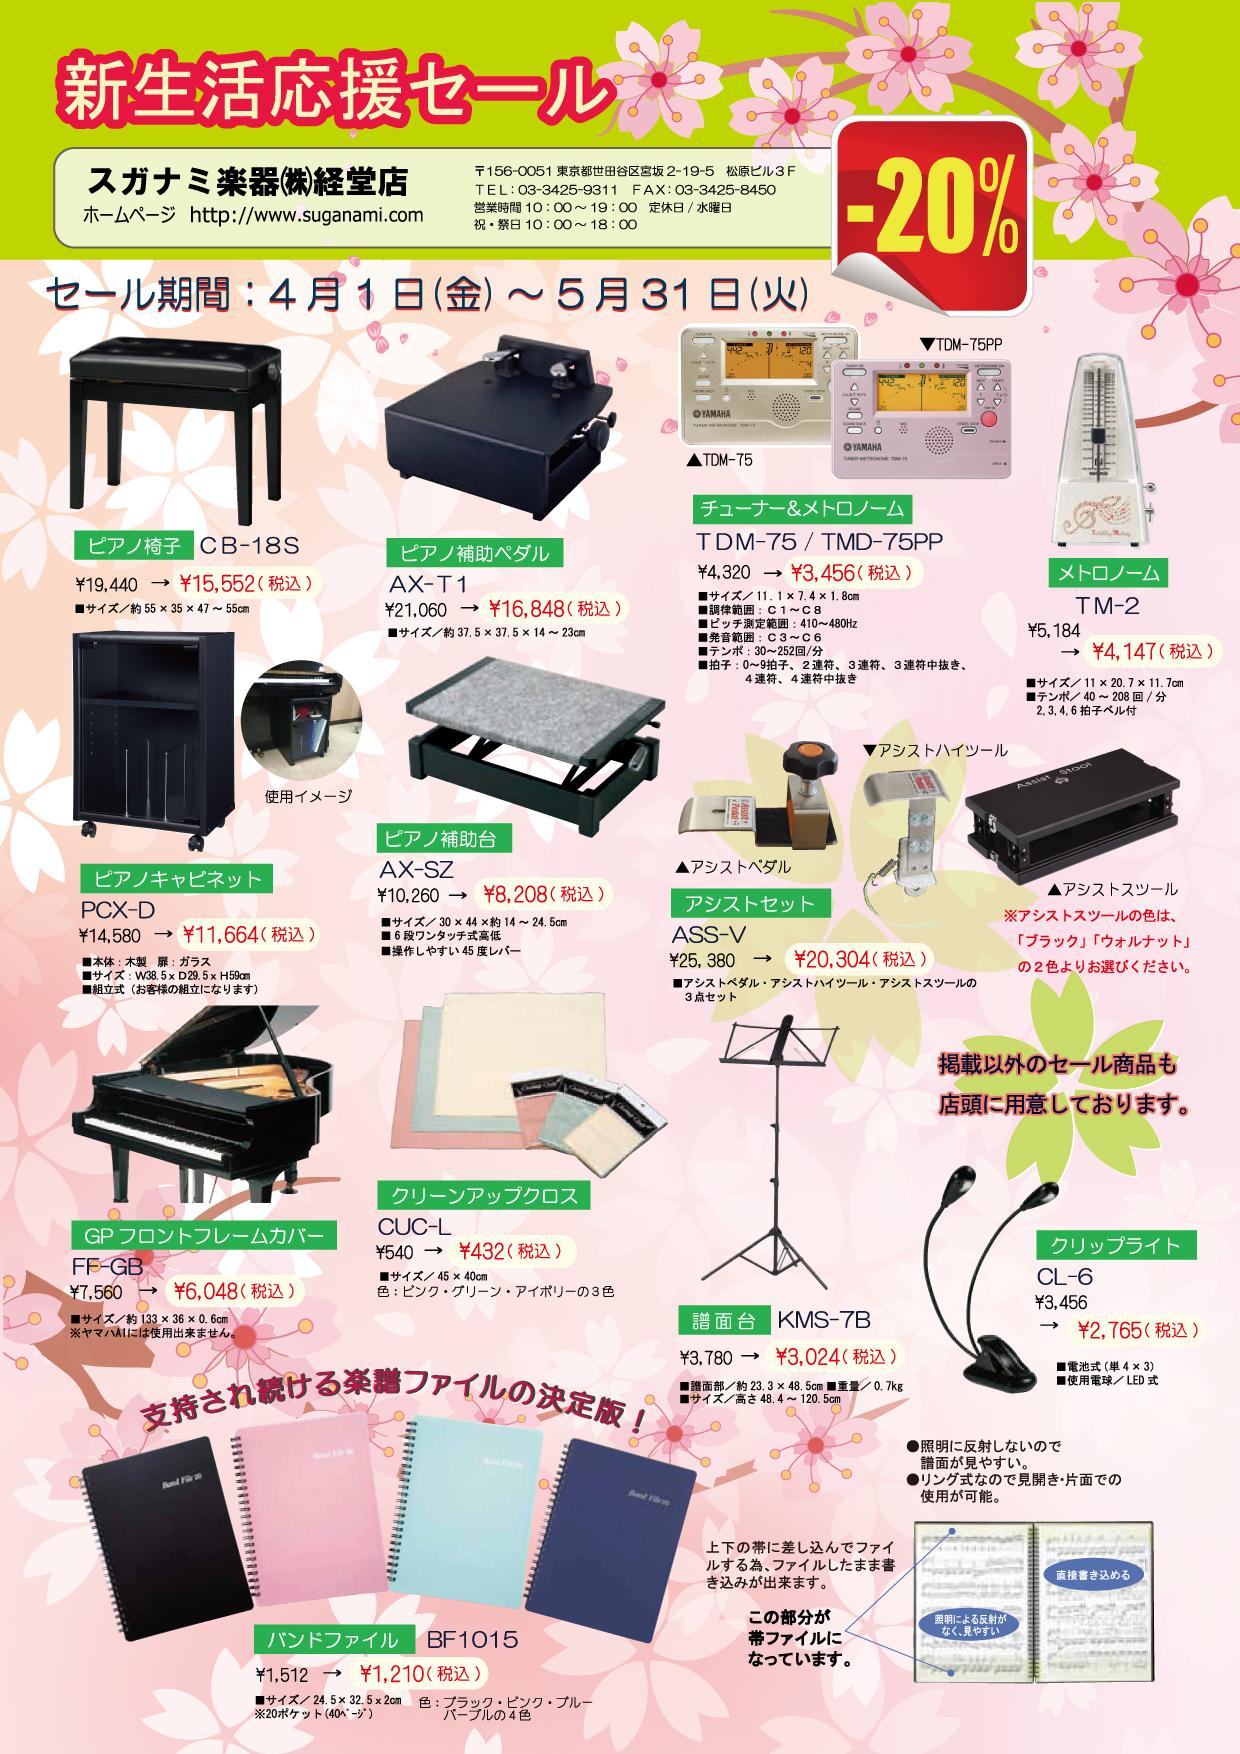 スガナミ楽器経堂店にて、春の新生活応援セール開催!2016年4月1日(金)~5月31日(火)まで。対象商品が20%OFFになる大変お得なセールです。ピアノ椅子CB-18Sが定価19,440円のが15,552円(税込)。ピアノ補助ペダルAX-T1が定価21,060円のが16,848円(税込)。チューナー&メトロノームTDM-75(TDM-75PP)が定価4,320円のが3,456円(税込)。メトロノームTM-2が定価5,184円が4,147円(税込)。ピアノキャビネットPCX-D定価14,580円が11,664円(税込)。ピアノ補助台定価10,260円が8,208円(税込)。アシストセットASS-V(ピアノアシストペダル、ピアノアシストハイツール、ピアノアシストスツールのセット)定価25,380円が20,304円(税込)アシストスツールの色はブラックとウォルナットよりお選び頂けます。グランドピアノフロントフレームカバーFF-GB定価7,560円が6,048円(税込)。クリーンアップクロスCUC-L定価540円が432円(税込)ピンク、グリーン、アイボリーの3色。譜面台KMS-7B定価3,780円が3,024円(税込)。クリップライトCL-6定価3,456円が2,765円(税込)。指示され続ける楽譜ファイルの決定版、バンドファイルBF1015定価1,512円が1,210円(税込)ブラック、ピンク、ブルー、パープルの4色。掲載商品意外のセール商品も店頭に用意しております。